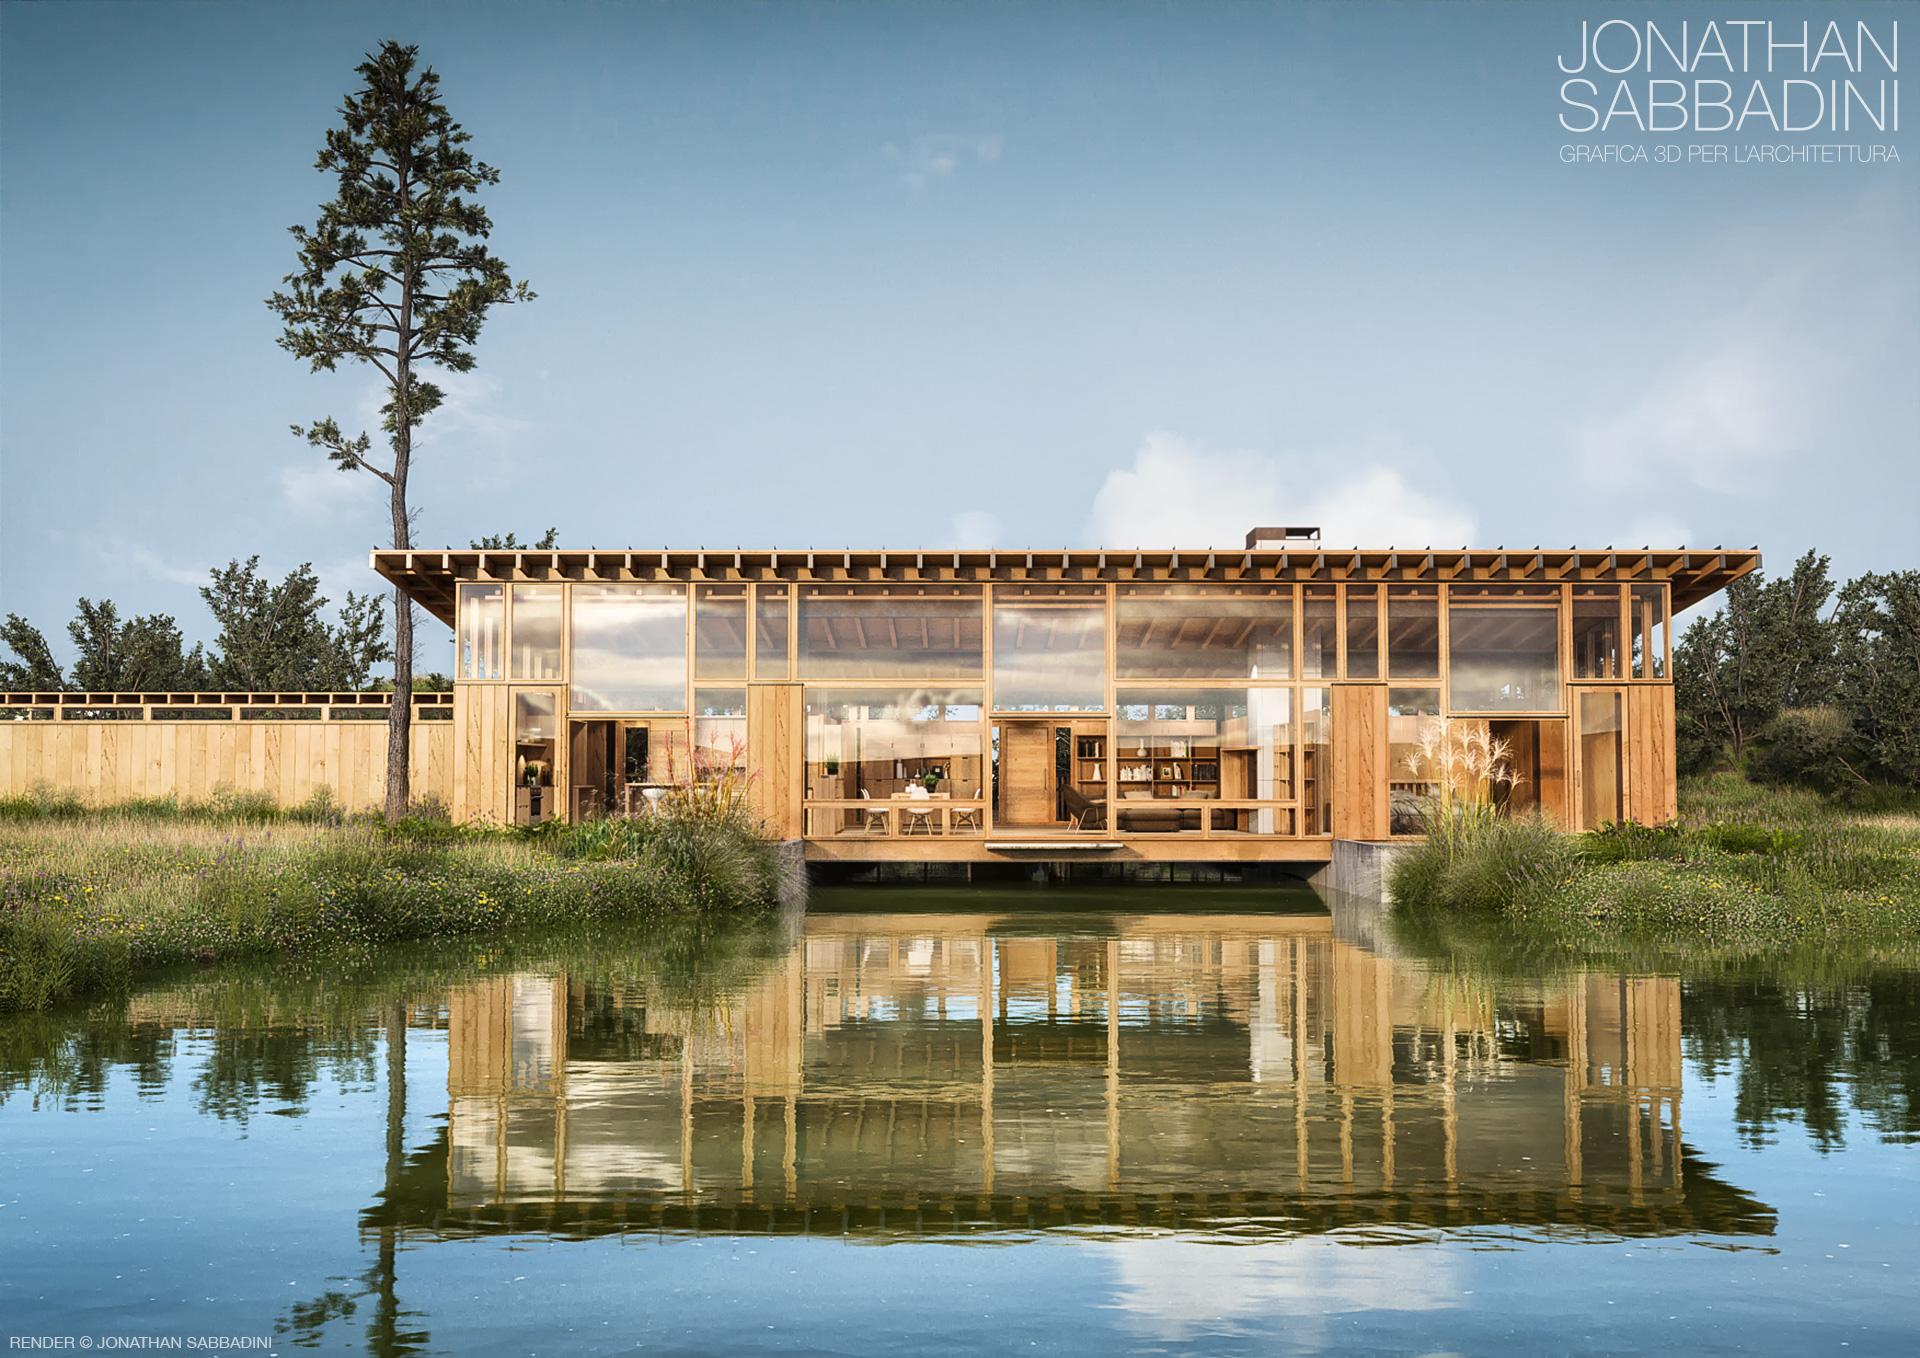 La casa sul laghetto bioarchitettura 3d render for La casa nel laghetto